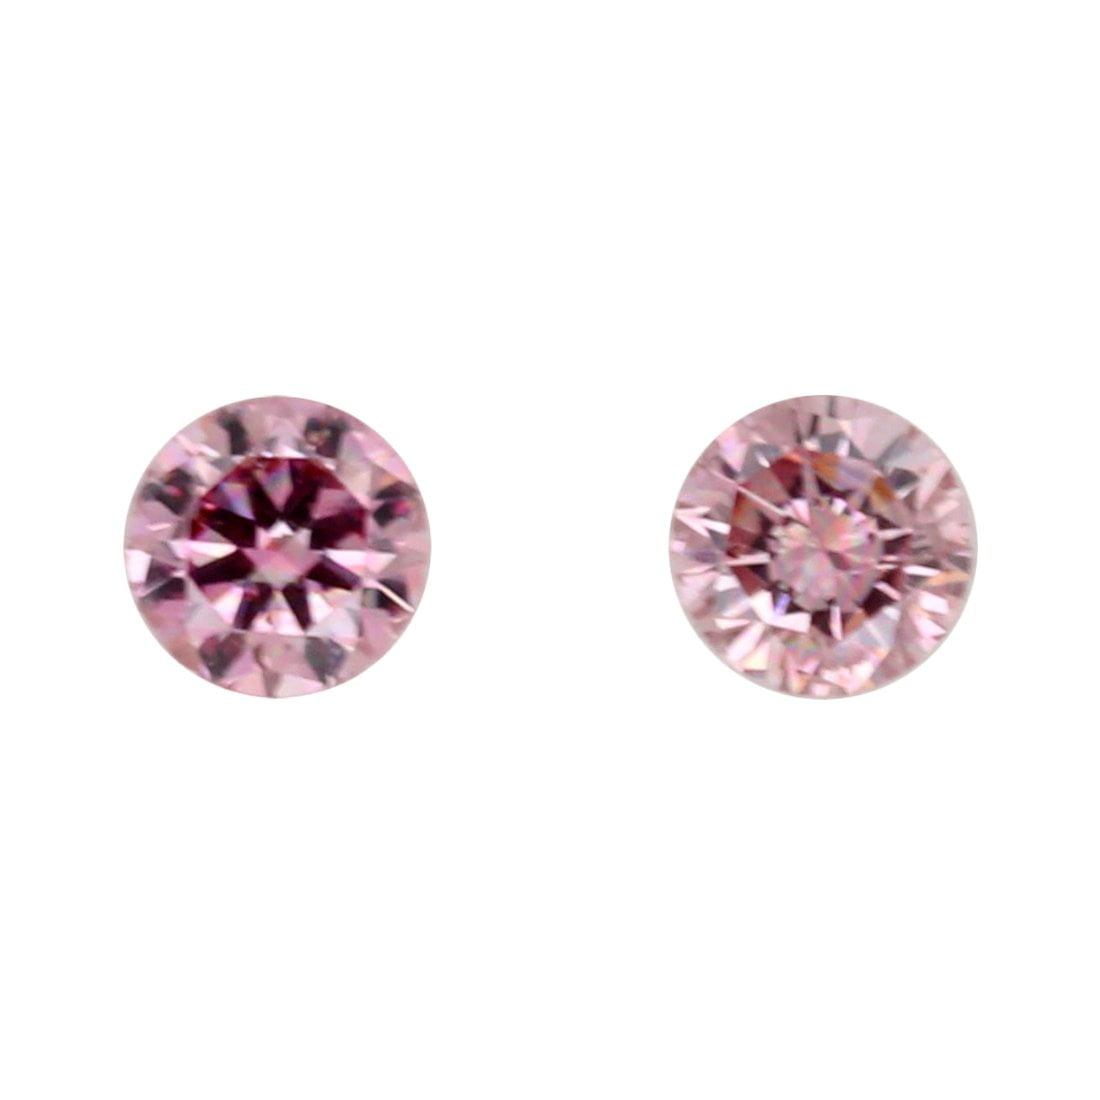 2=0.18ct Natural Fancy Intense Purplish Pink, 4PP Argyle Diamond